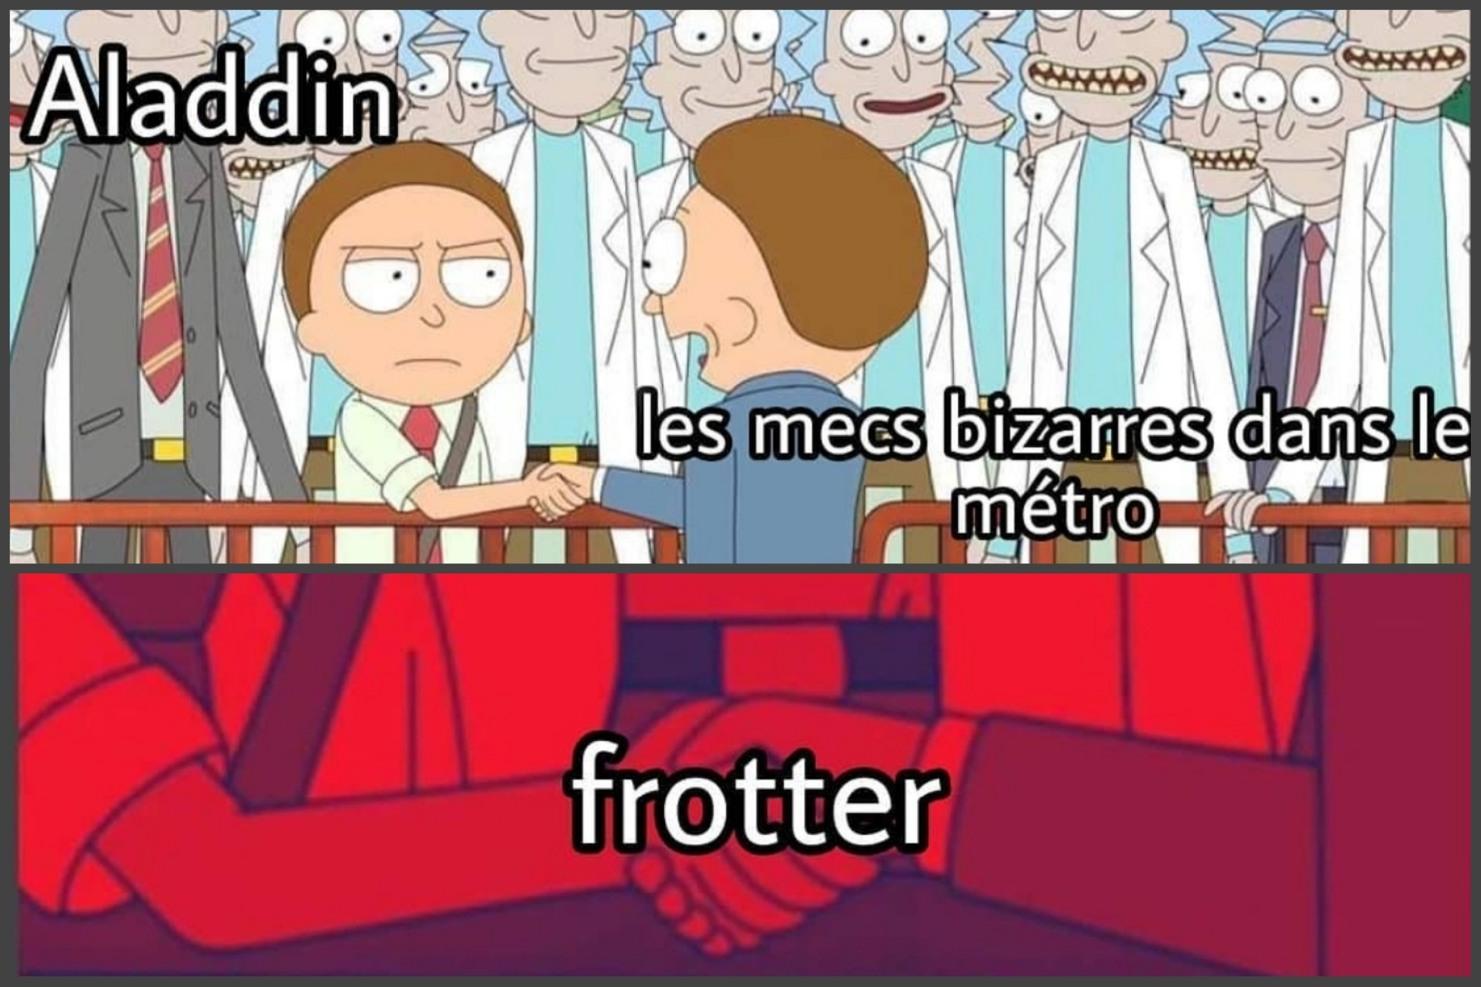 Casseurs frotteurs - meme